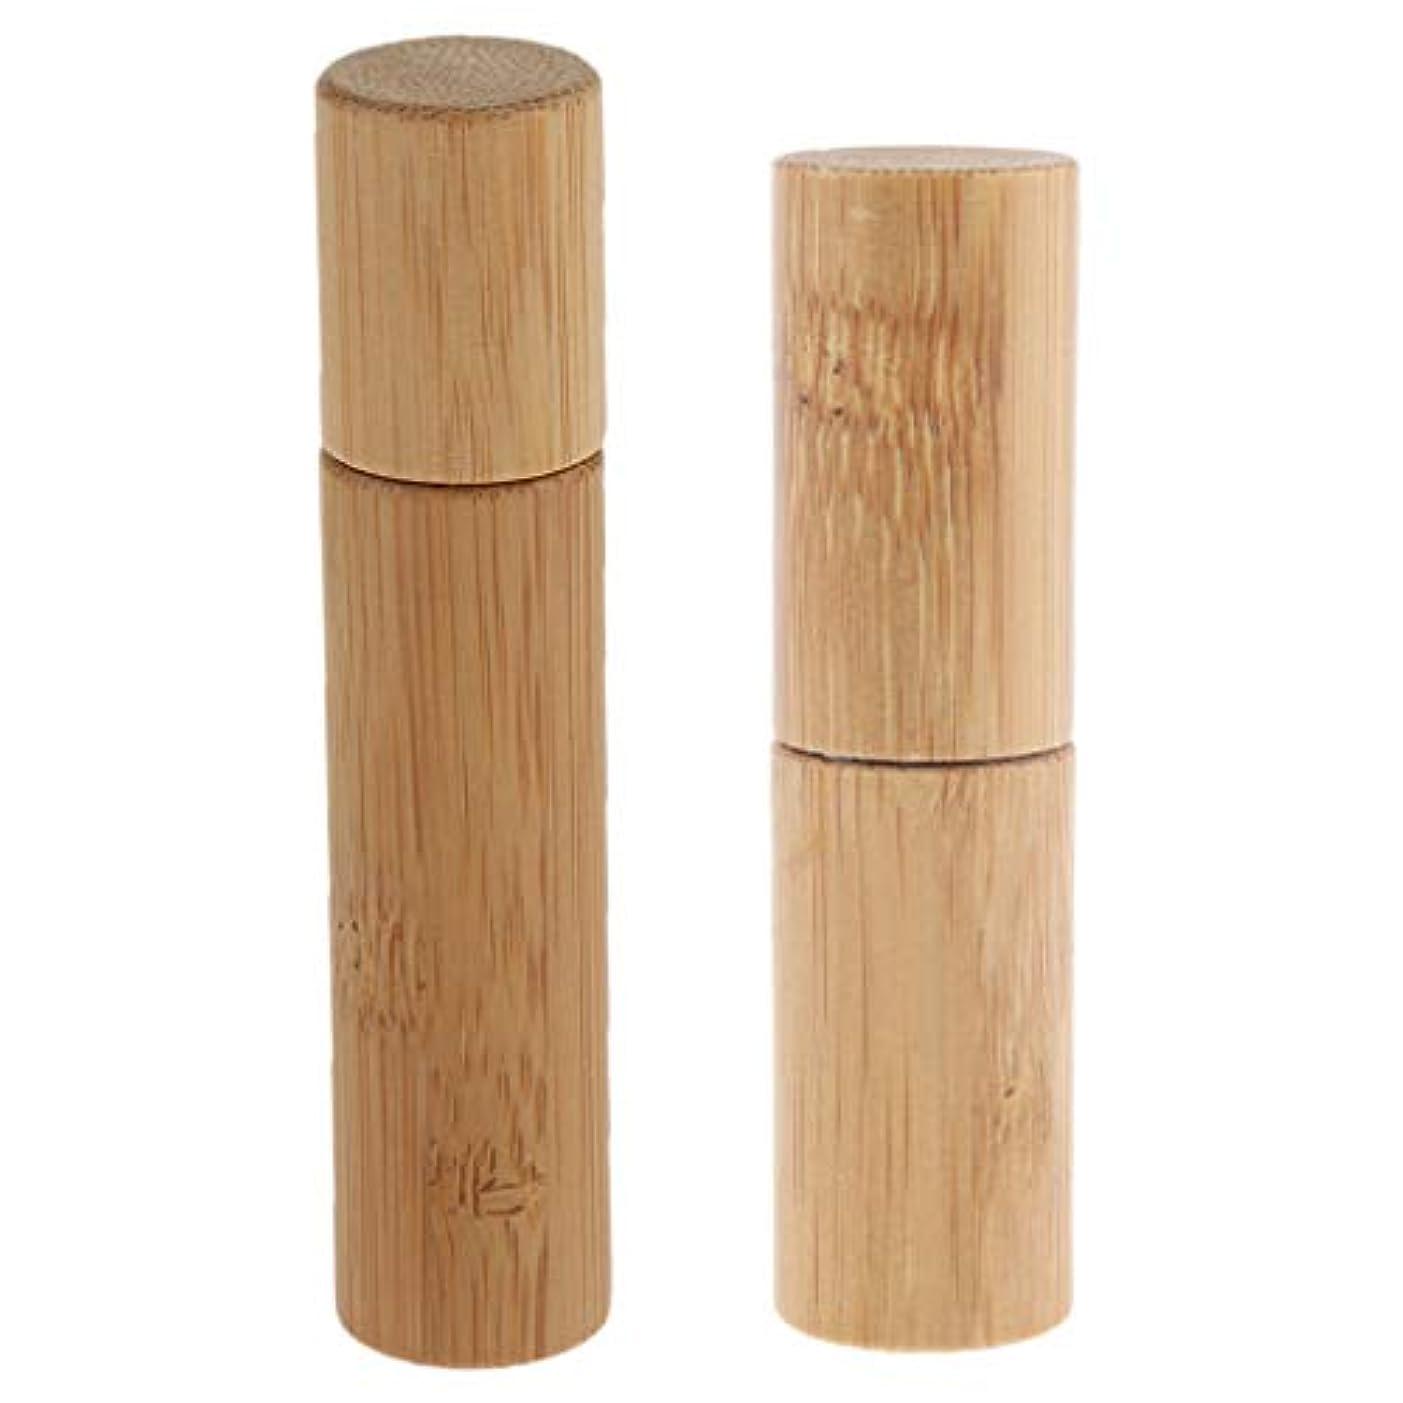 欠陥解決する人種CUTICATE ロールオンボトル 天然竹 詰替え 精油 香水 液体 保存容器 小分け用 旅行 10ml+5ml 2個入